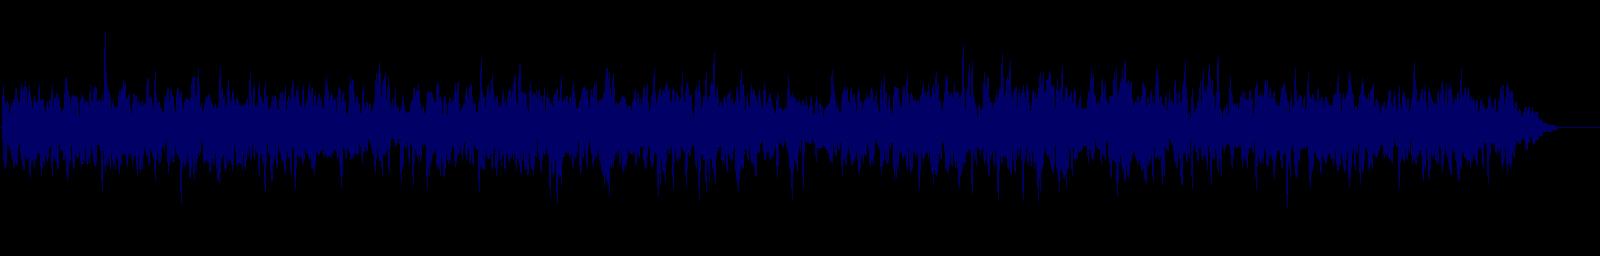 waveform of track #125899